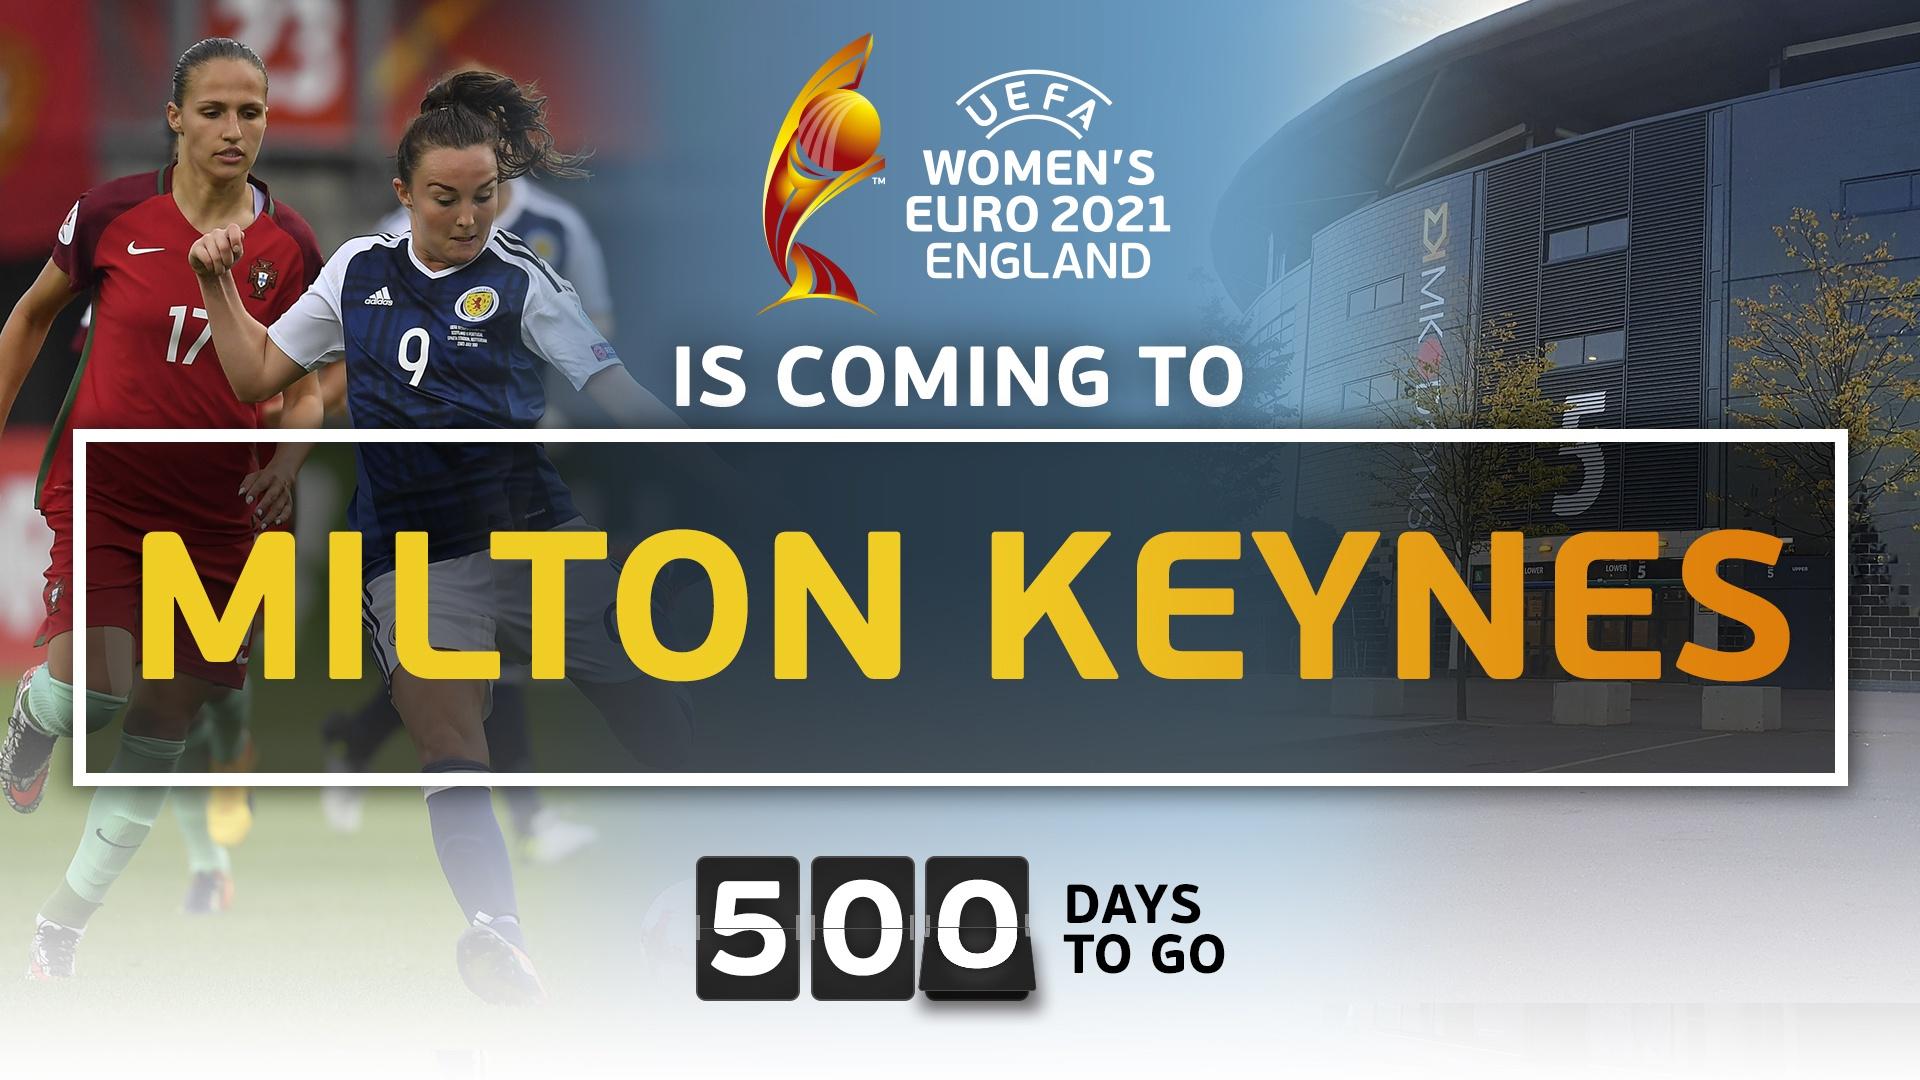 Milton Keynes to host Women's Euro 2021 Semi Final